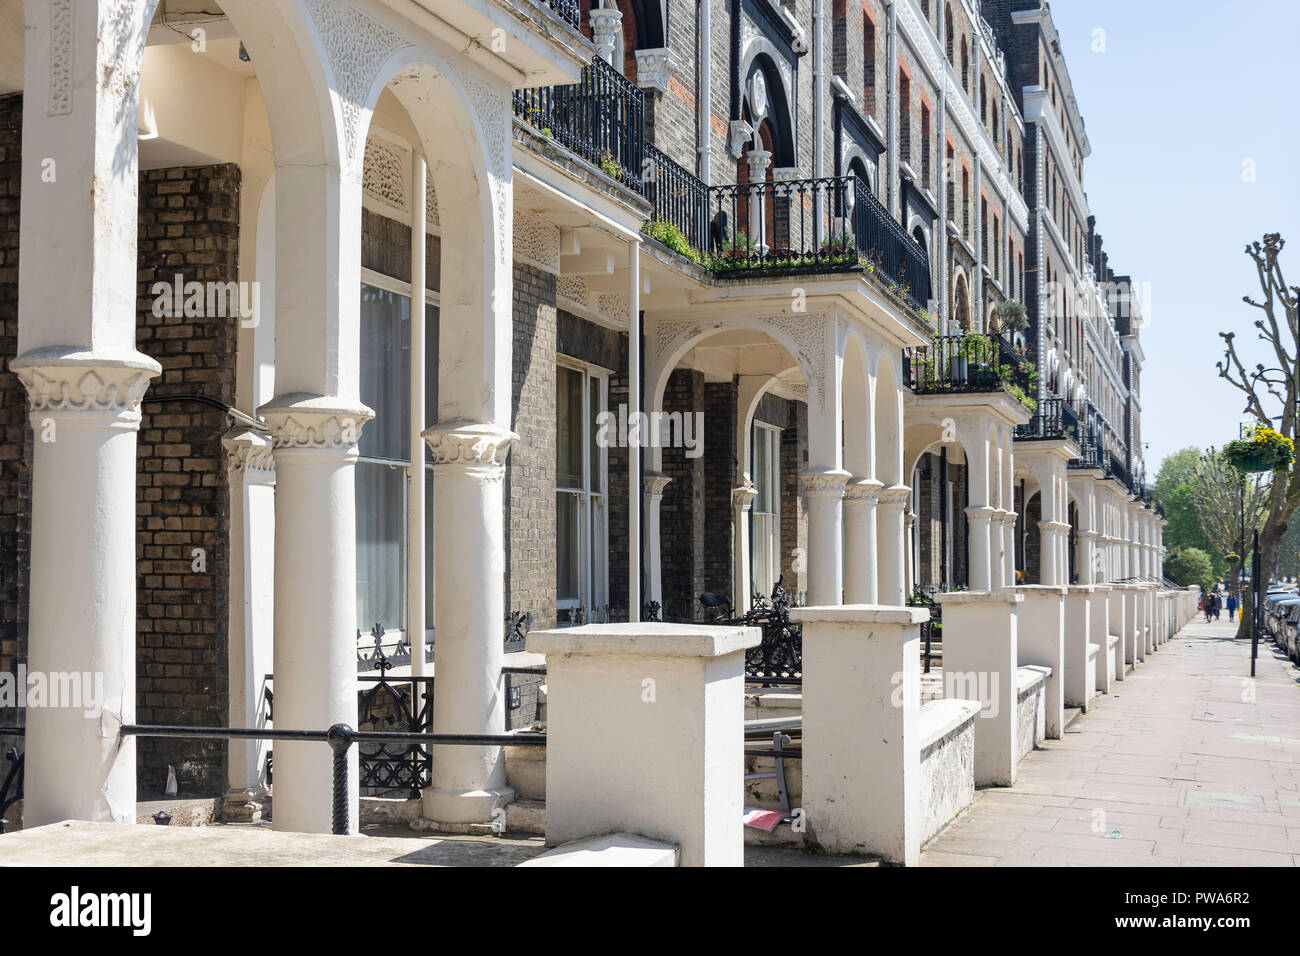 Zeitraum terrassierten Eigenschaften, Randolph Avenue, Maida Vale, Westminster, London, England, Vereinigtes Königreich Stockbild